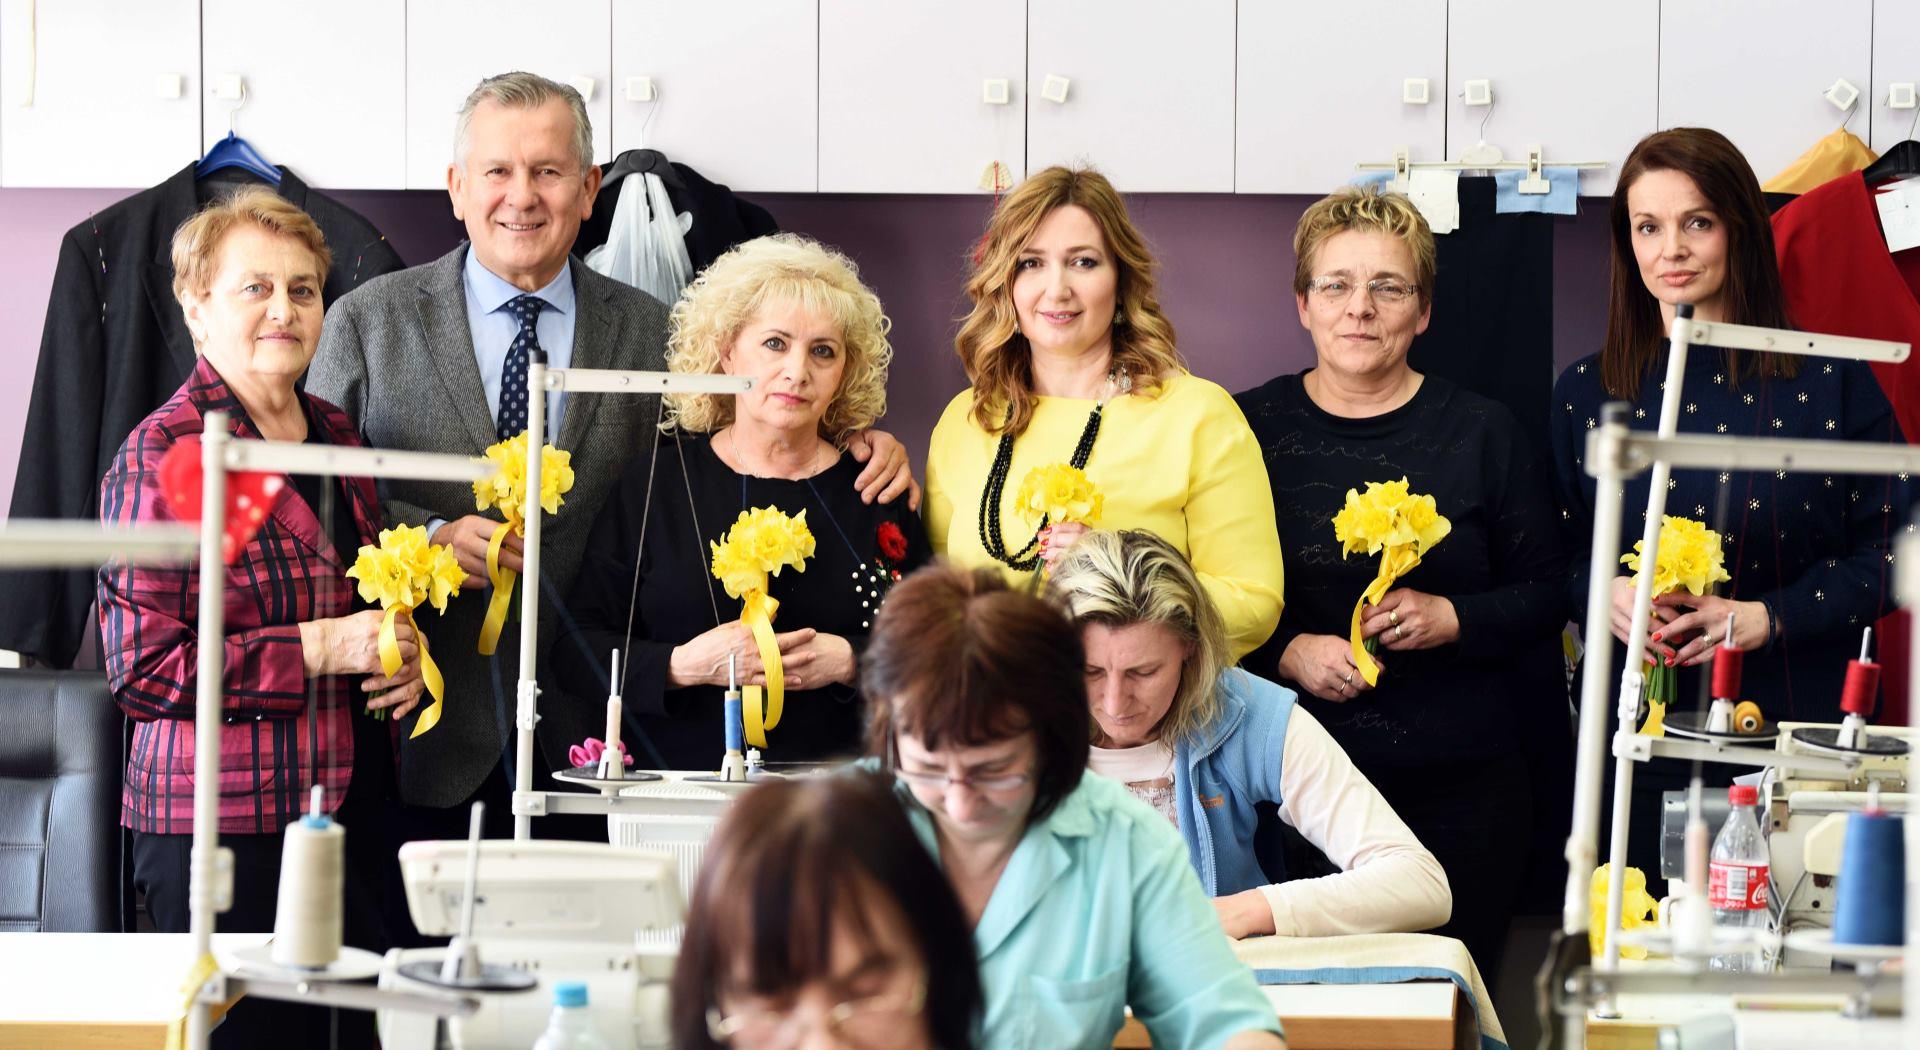 Mobilni mamograf posjetio udrugu Kamensko u sklopu kampanje #BudiNARCISa